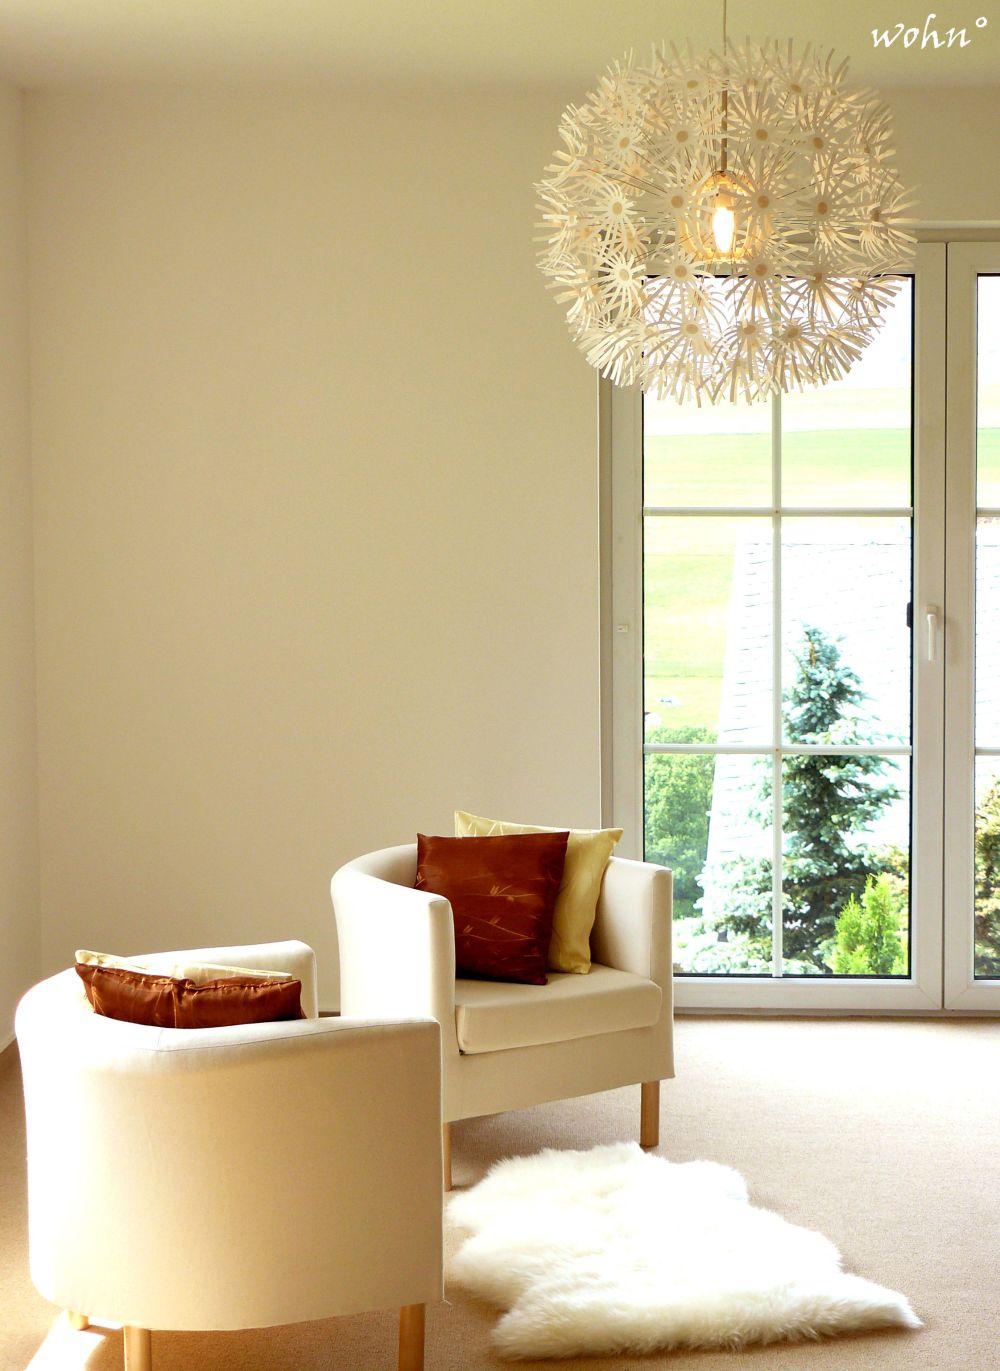 wohngrad bei der ihk chemnitz pressemeldung vom. Black Bedroom Furniture Sets. Home Design Ideas